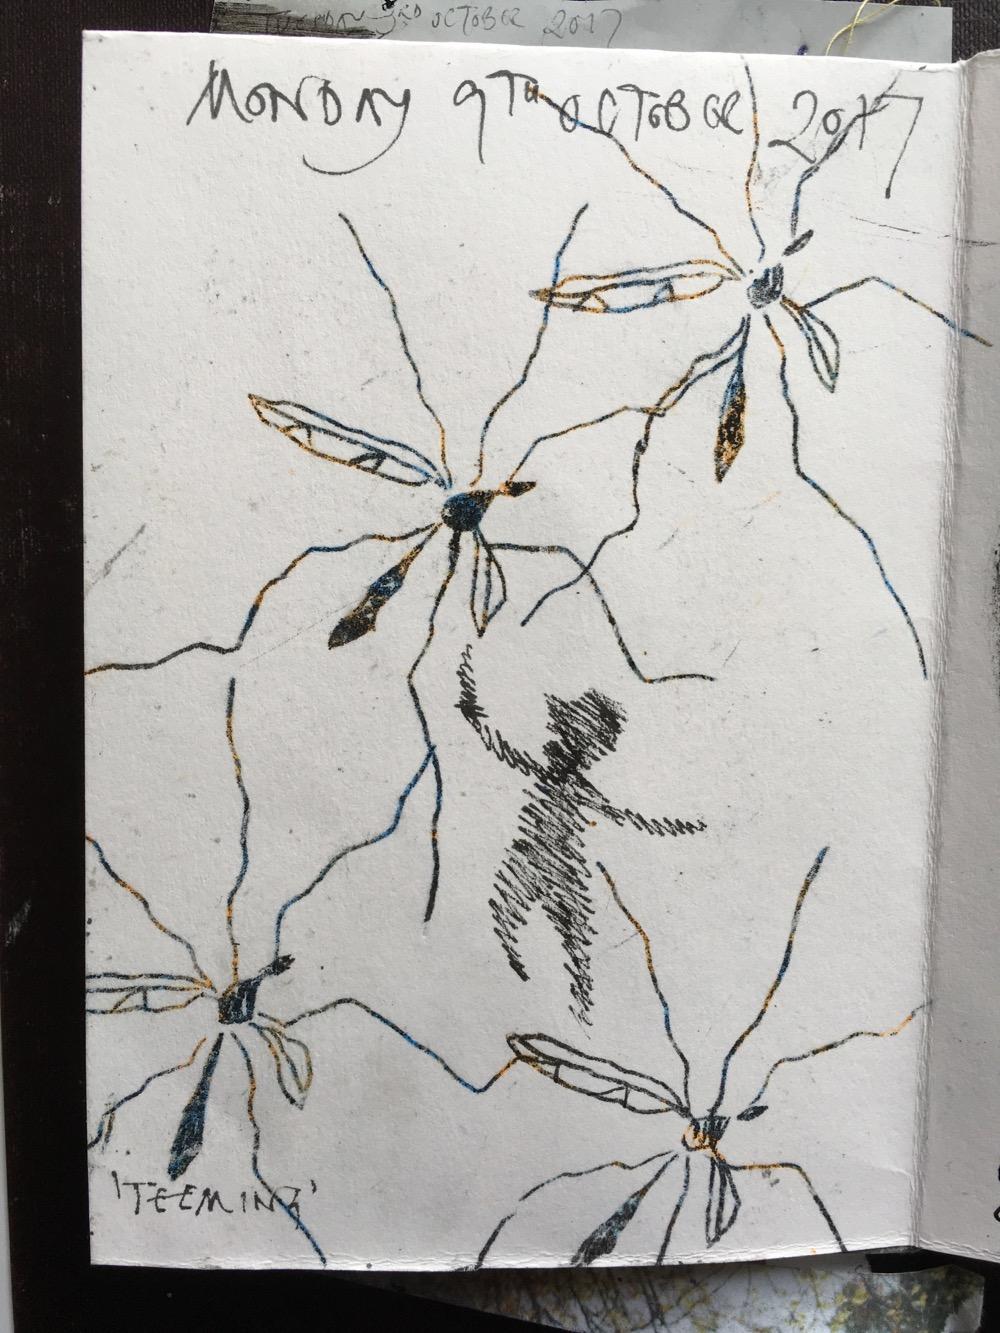 Day 9: 'Teeming',Inktober Challenge, by MoragThomson Merriman